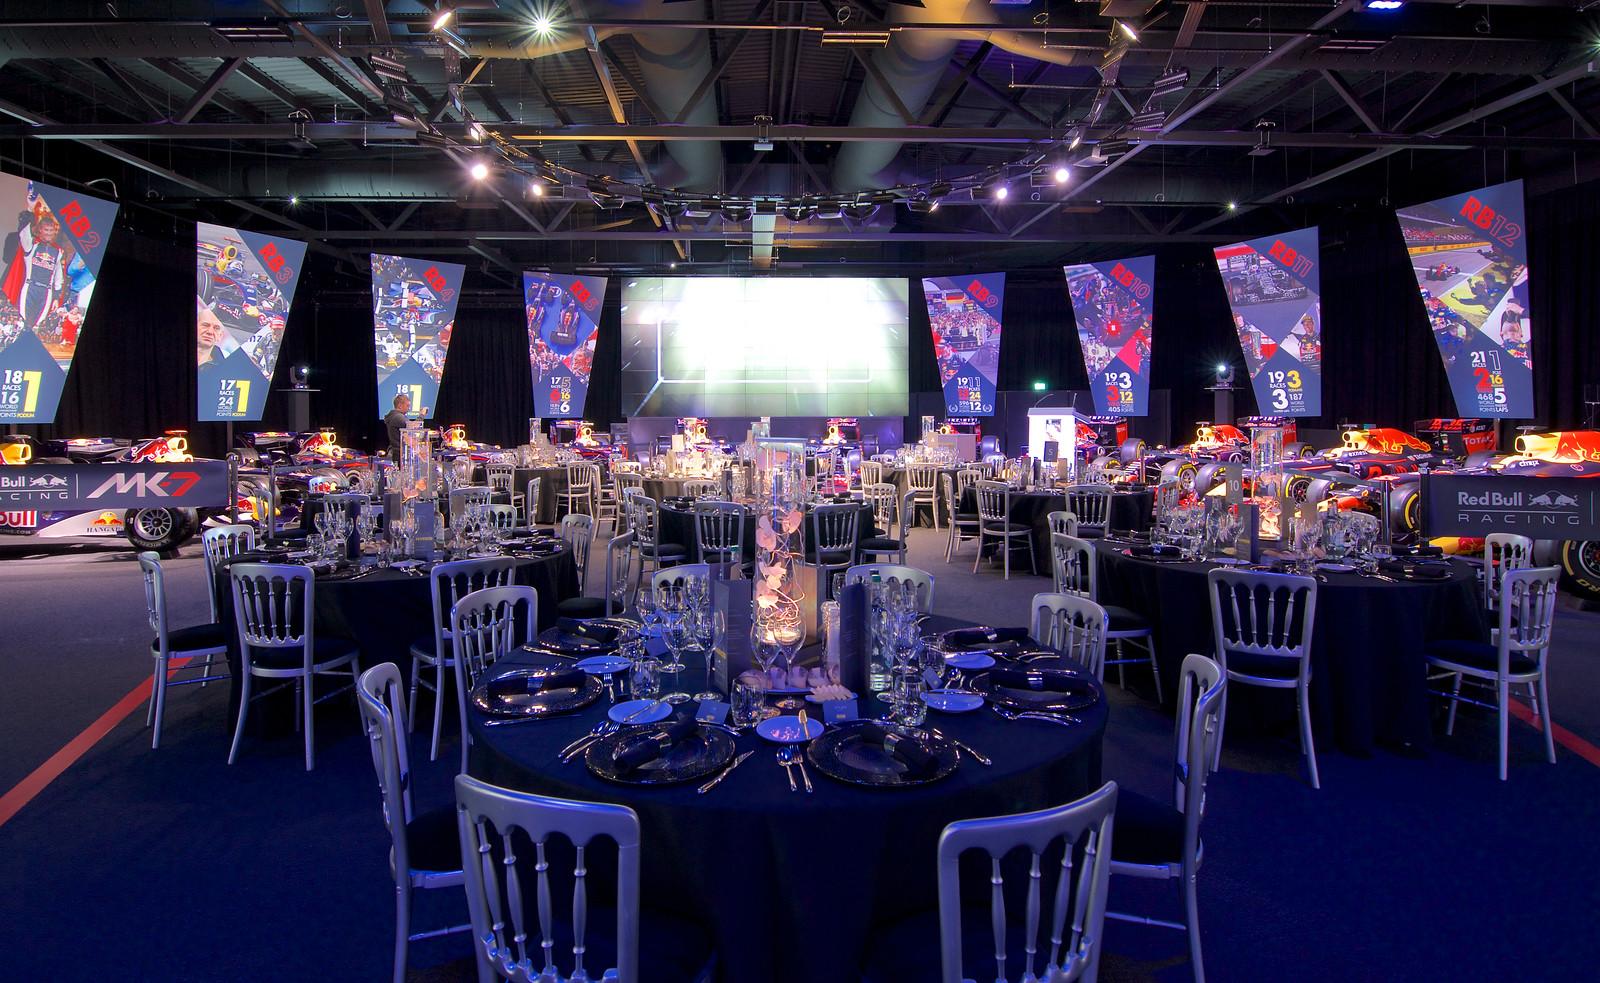 i 5p8Ktd5 X3 - UK&I Channel Partner Conference & Awards Dinner